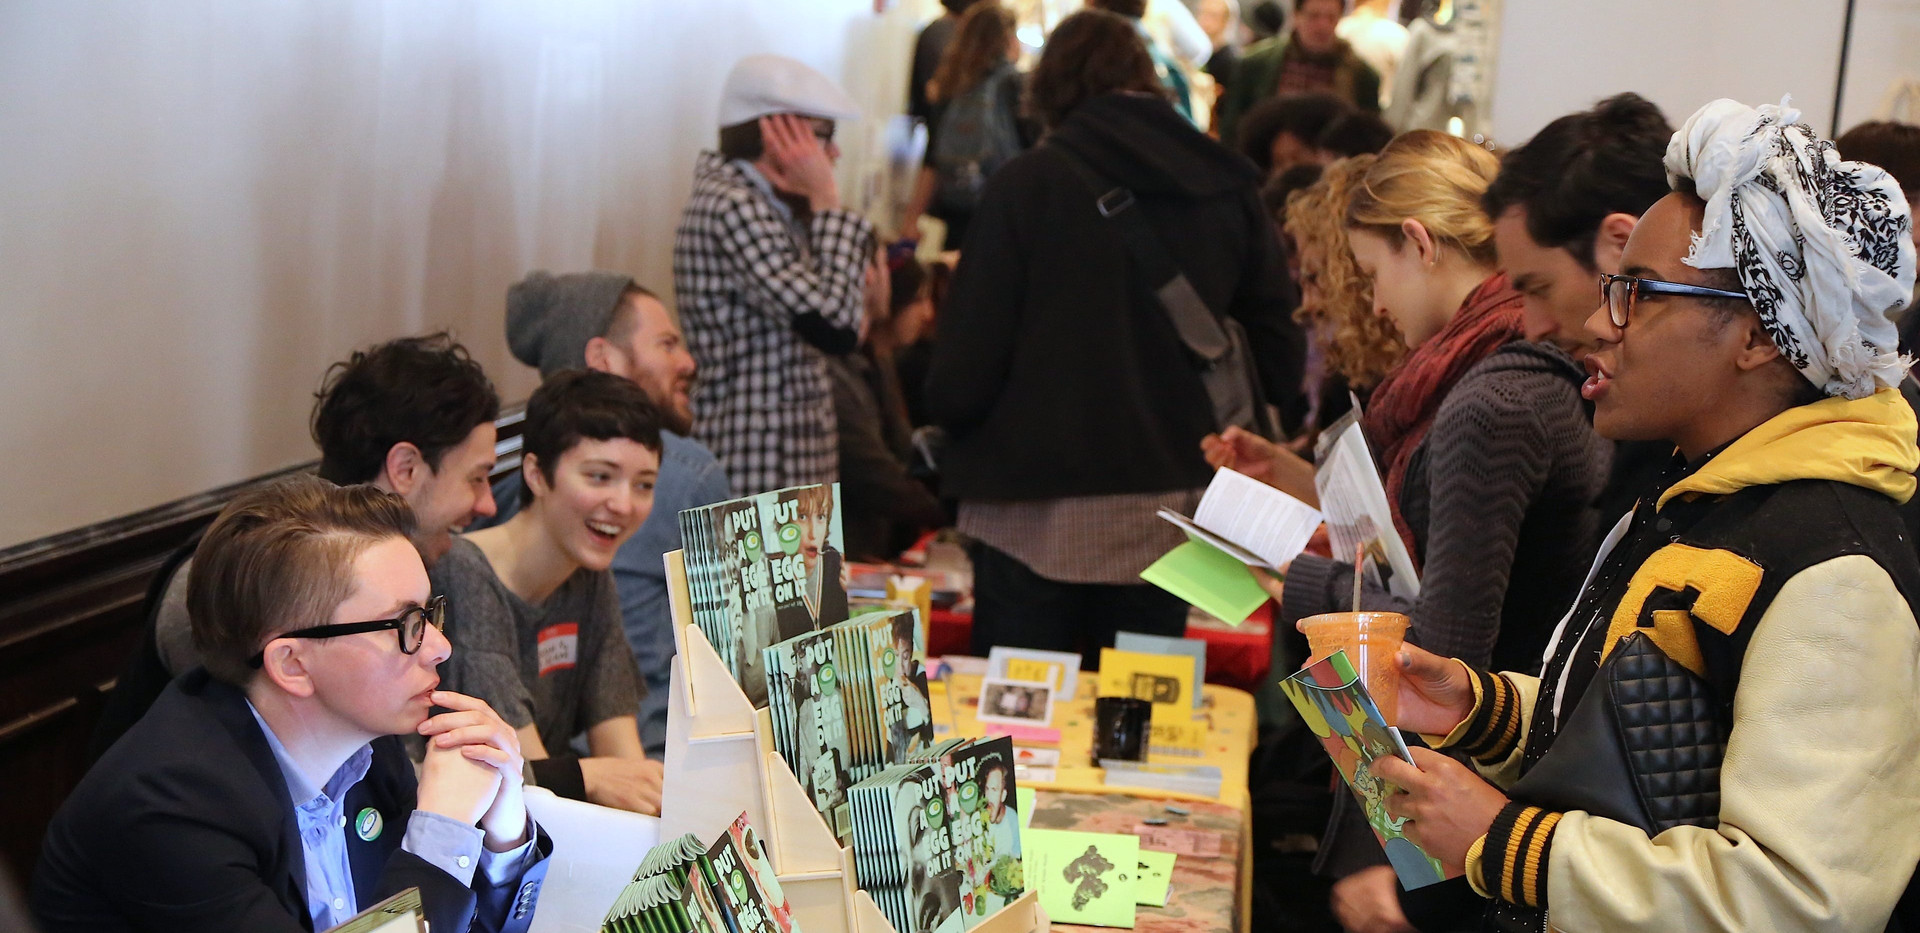 Zine Festival in NY